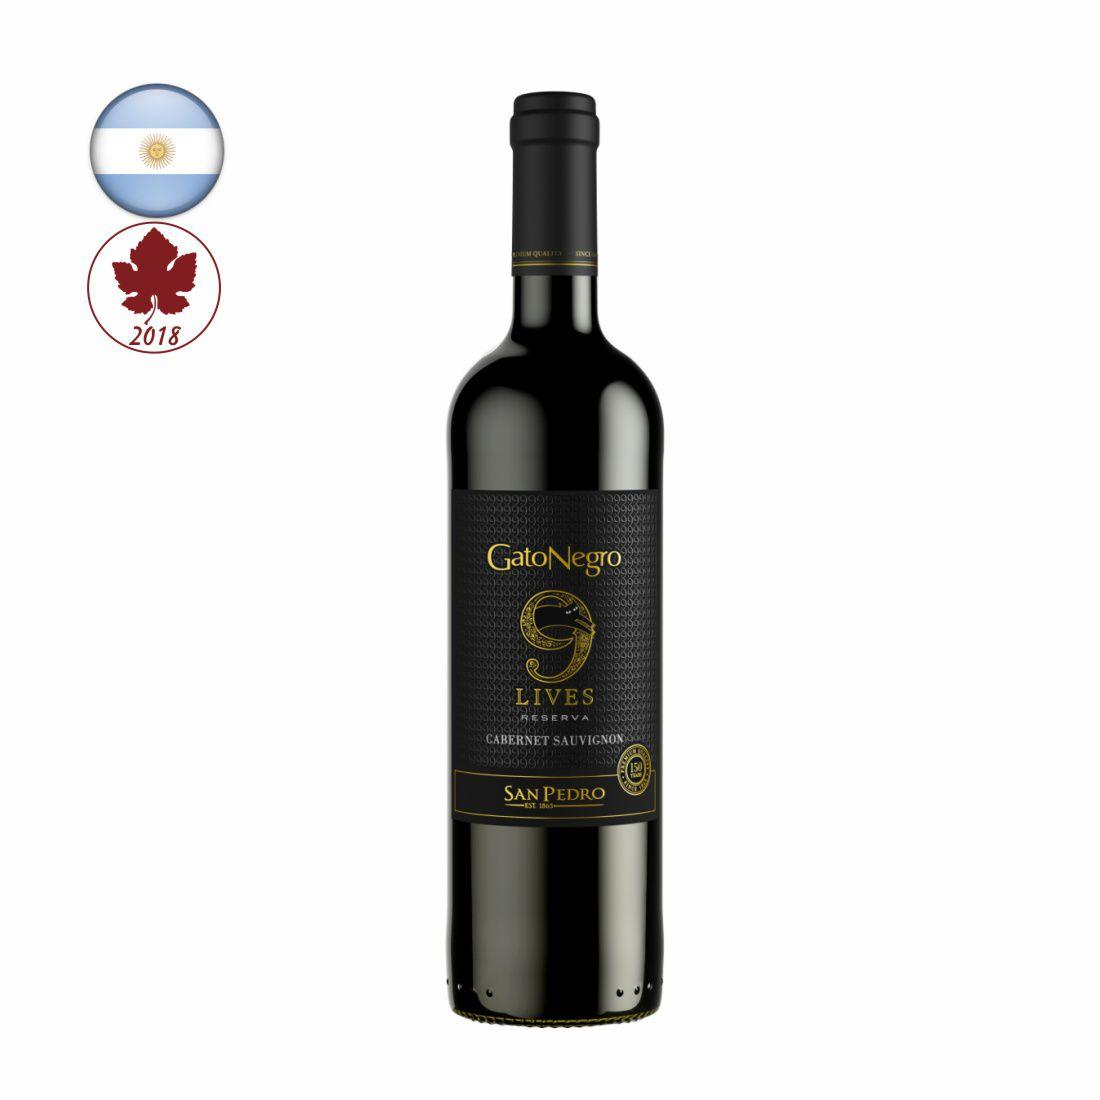 VINHO GATO NEGRO 9 LIVES RESERVA CHILENO 750ML CABERNET SAUVIGNON